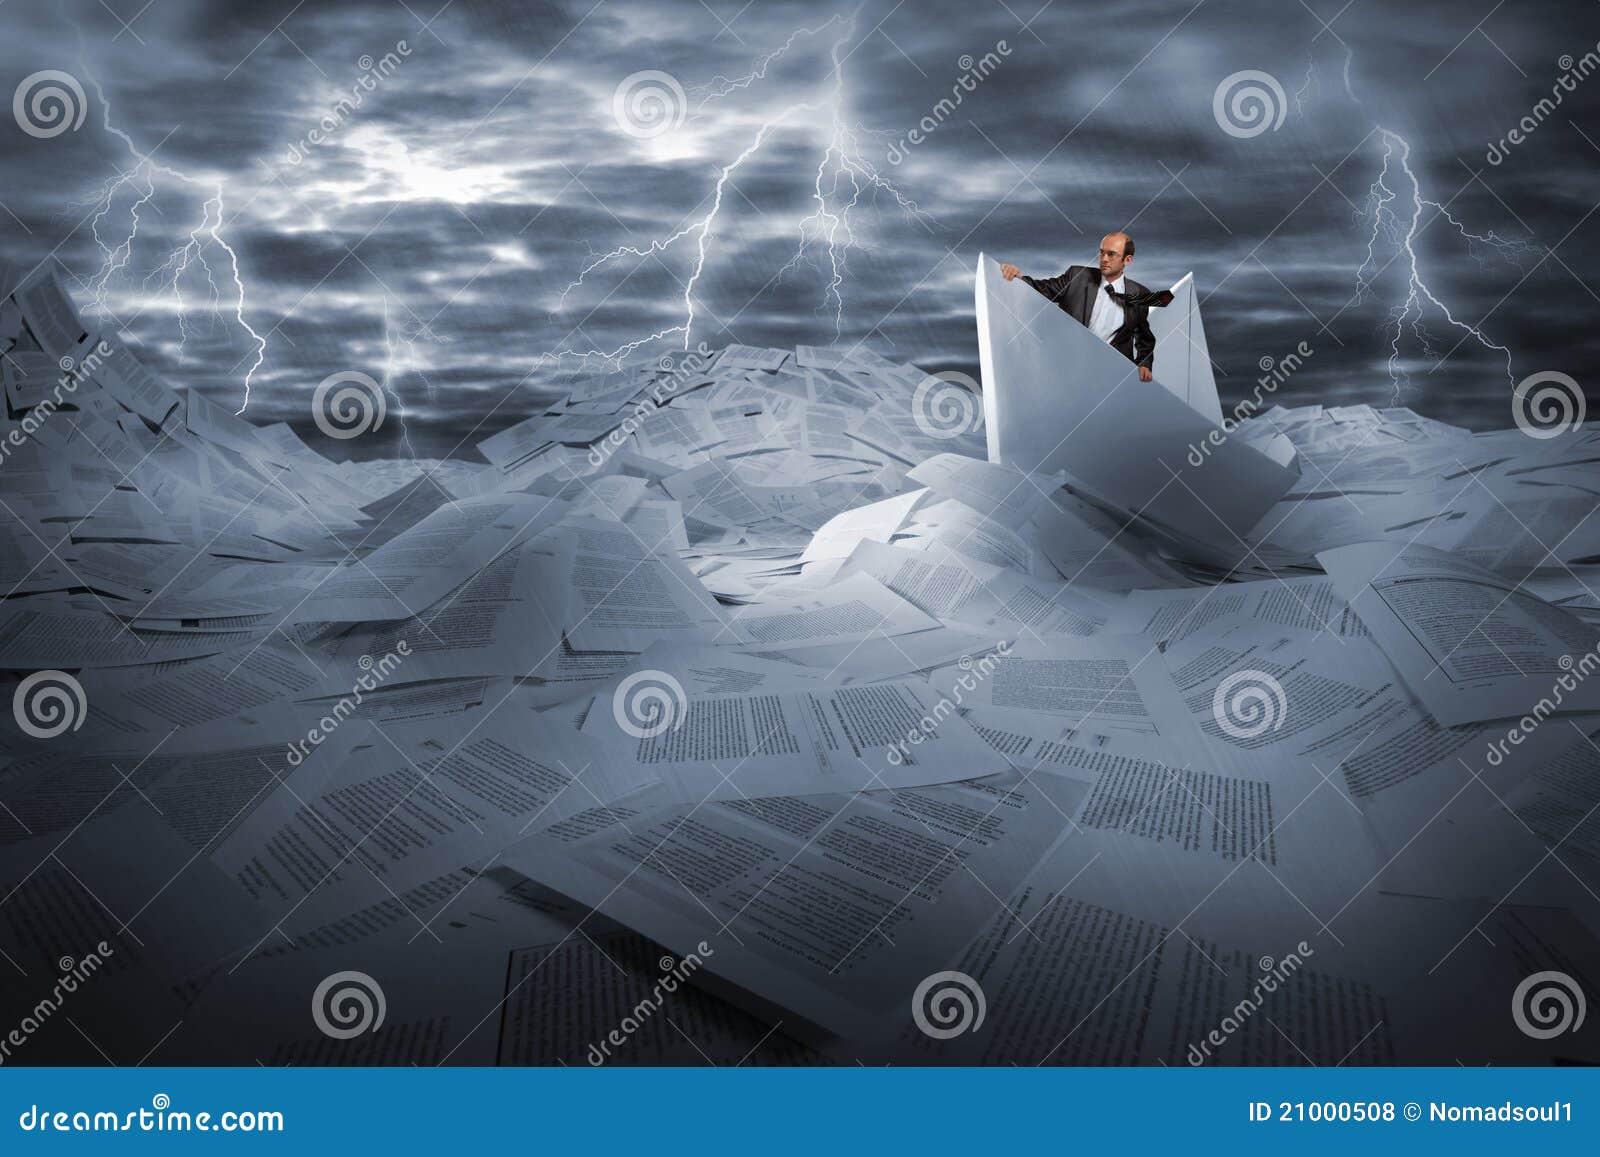 Geschäftsmannsegeln im stürmischen Papiermeer